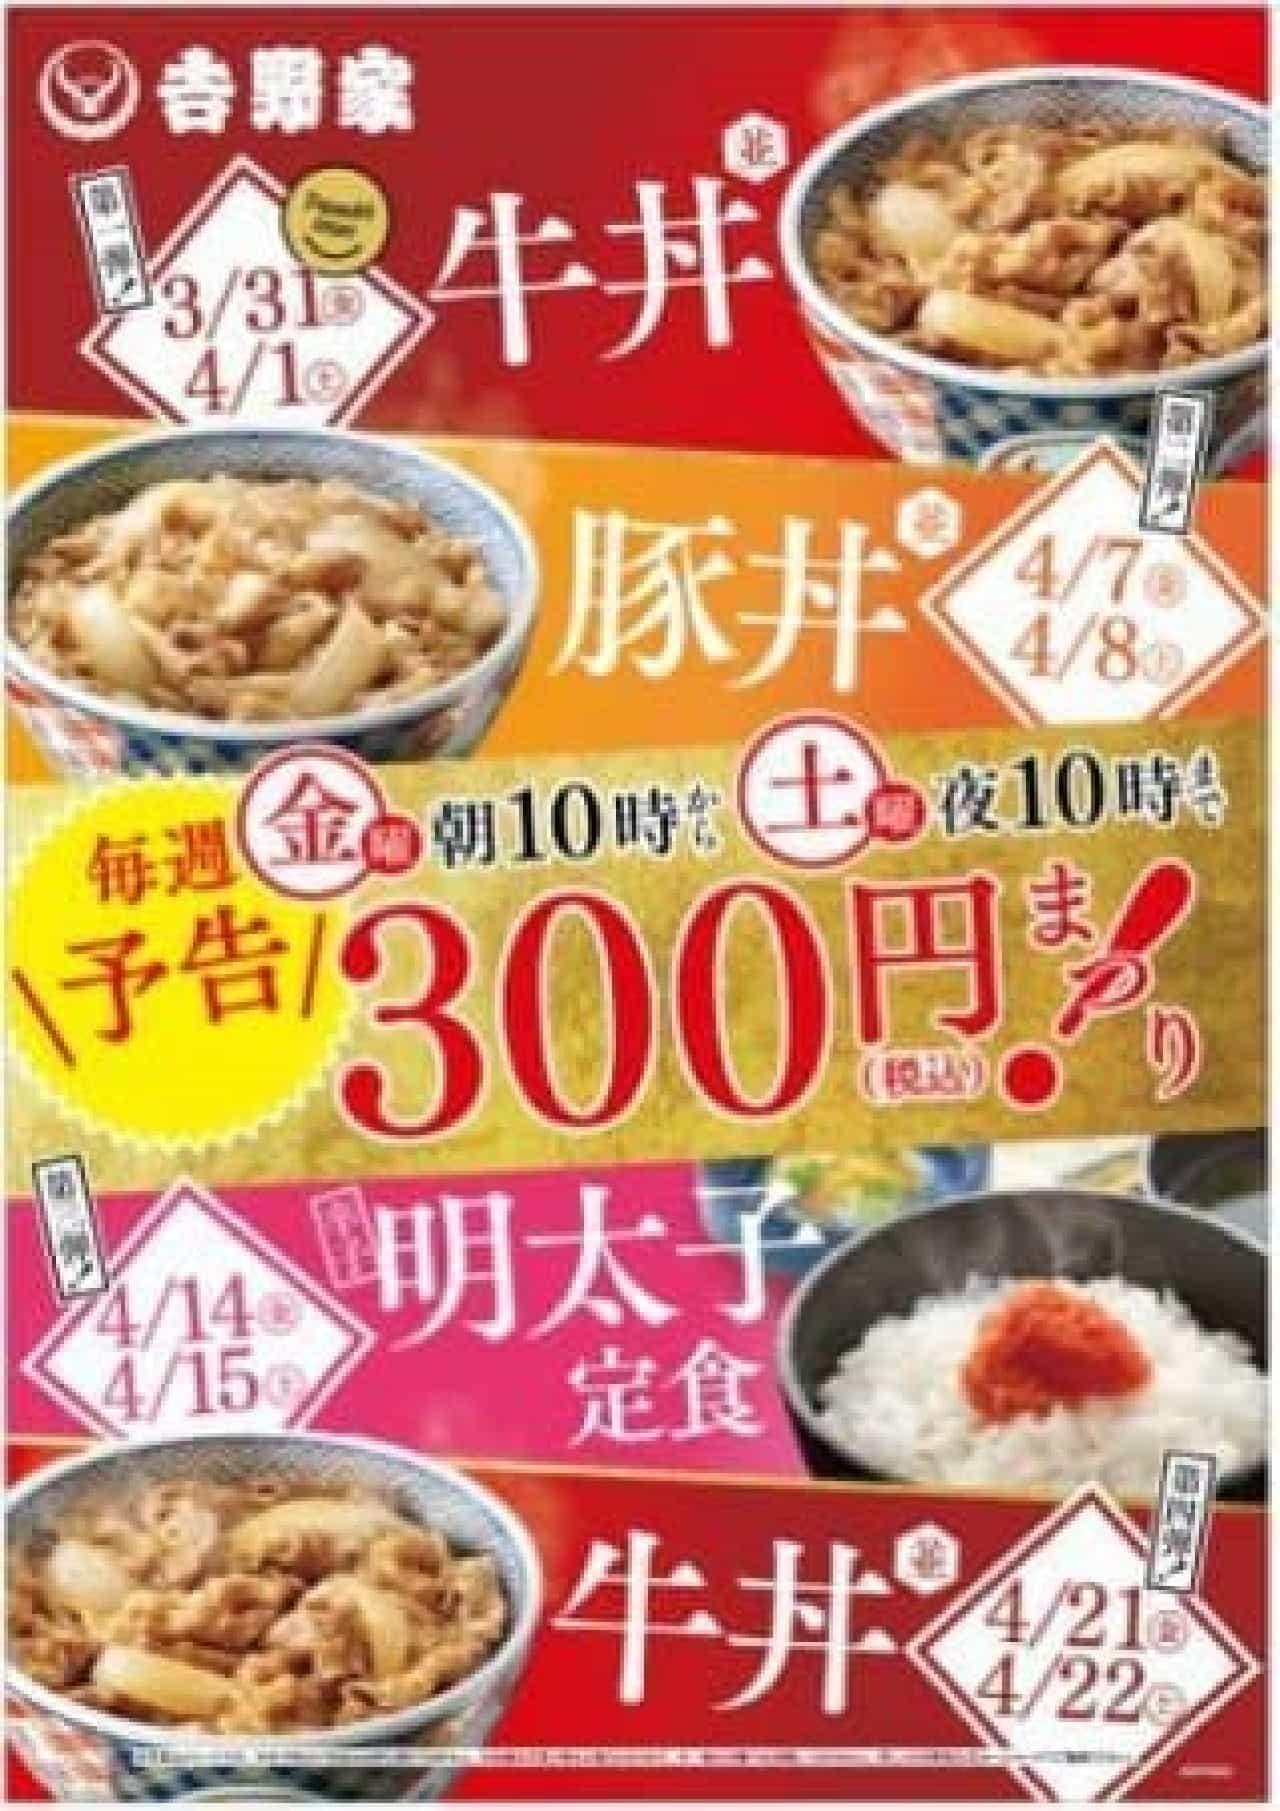 吉野家で「春の300円まつり」